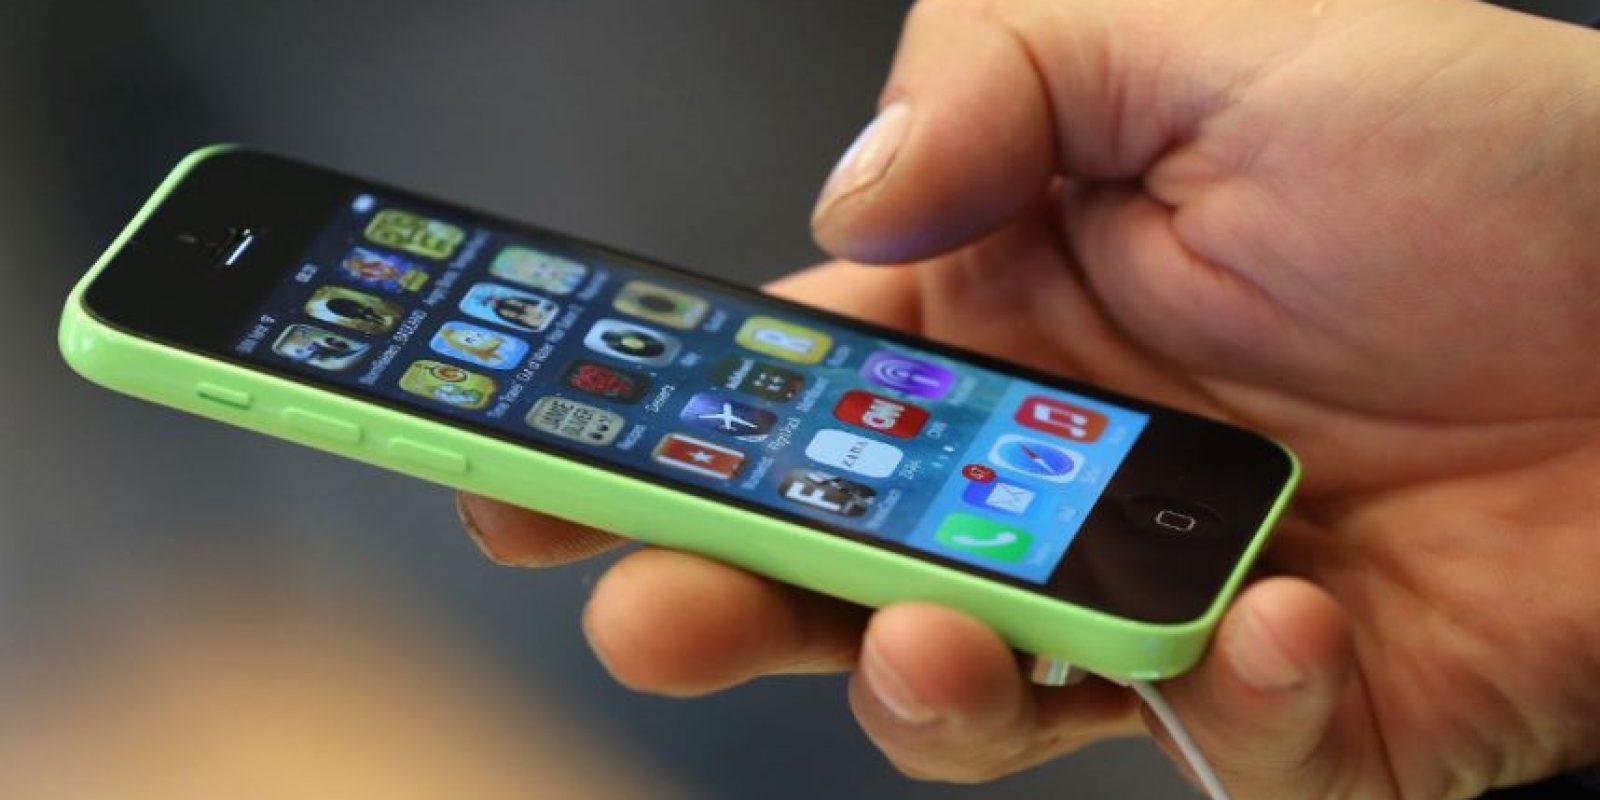 Apple ya había tratado de lanzar un modelo de iPhone más accesible: iPhone 5c. Foto:Getty Images